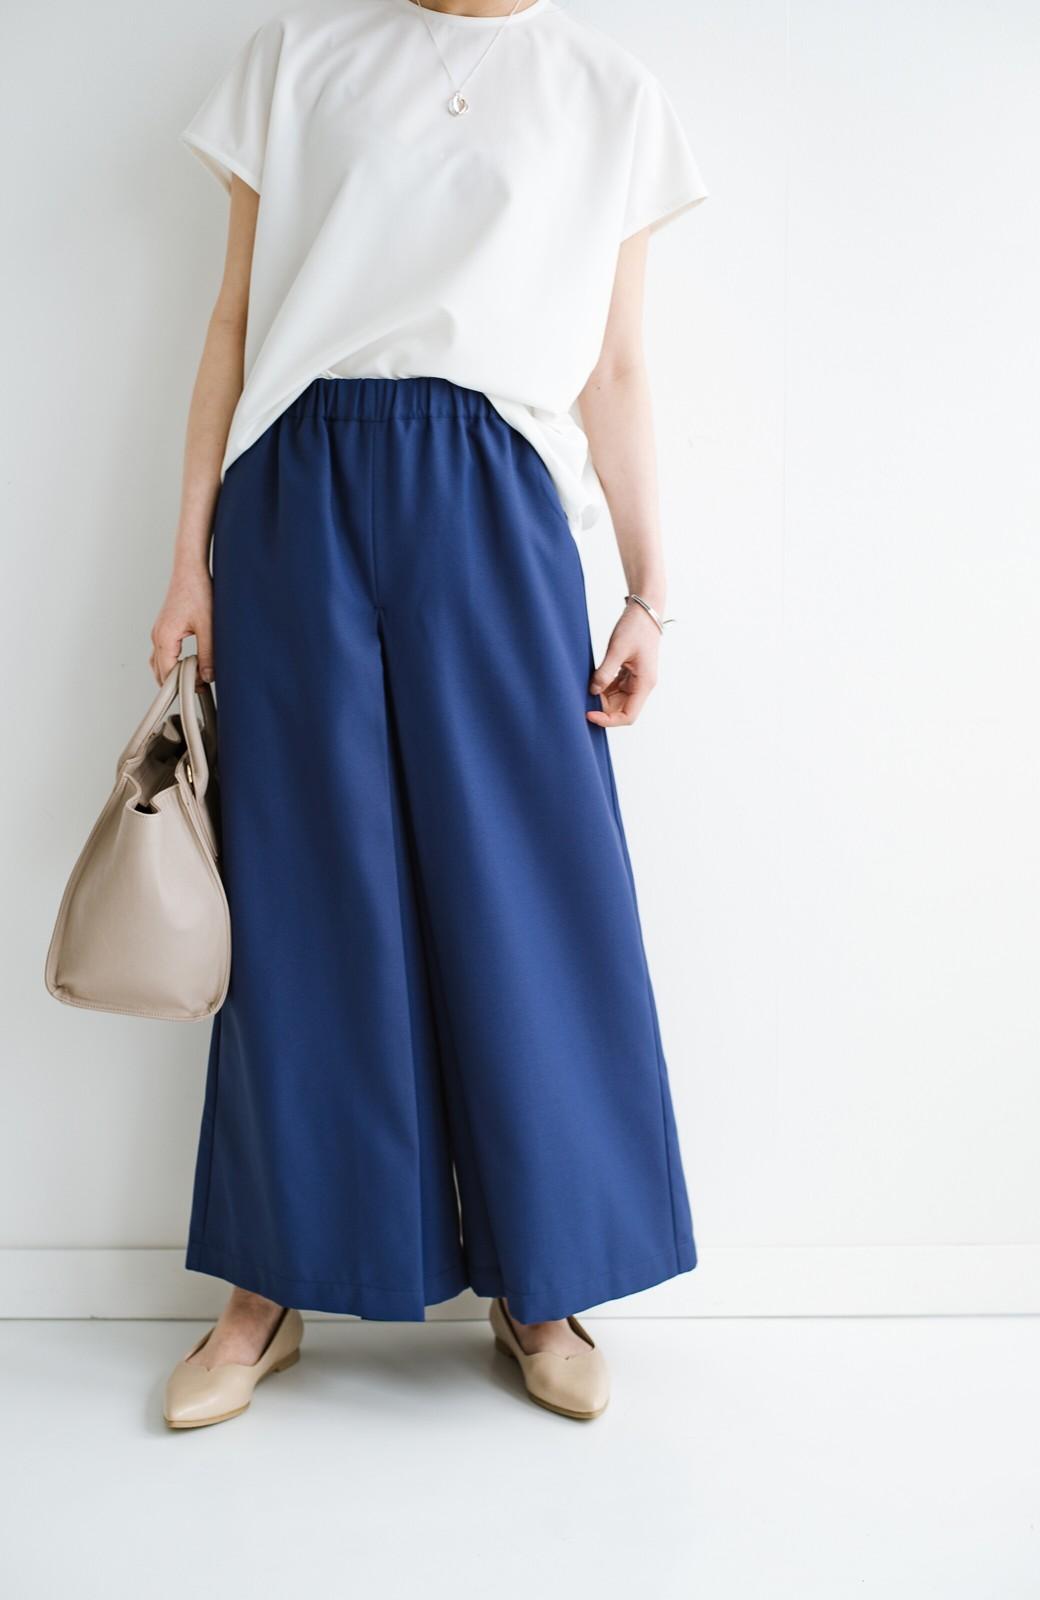 haco! スカート感覚でゆったりはけちゃう お仕事にも便利なきれいめタックワイドパンツ <ネイビー>の商品写真12